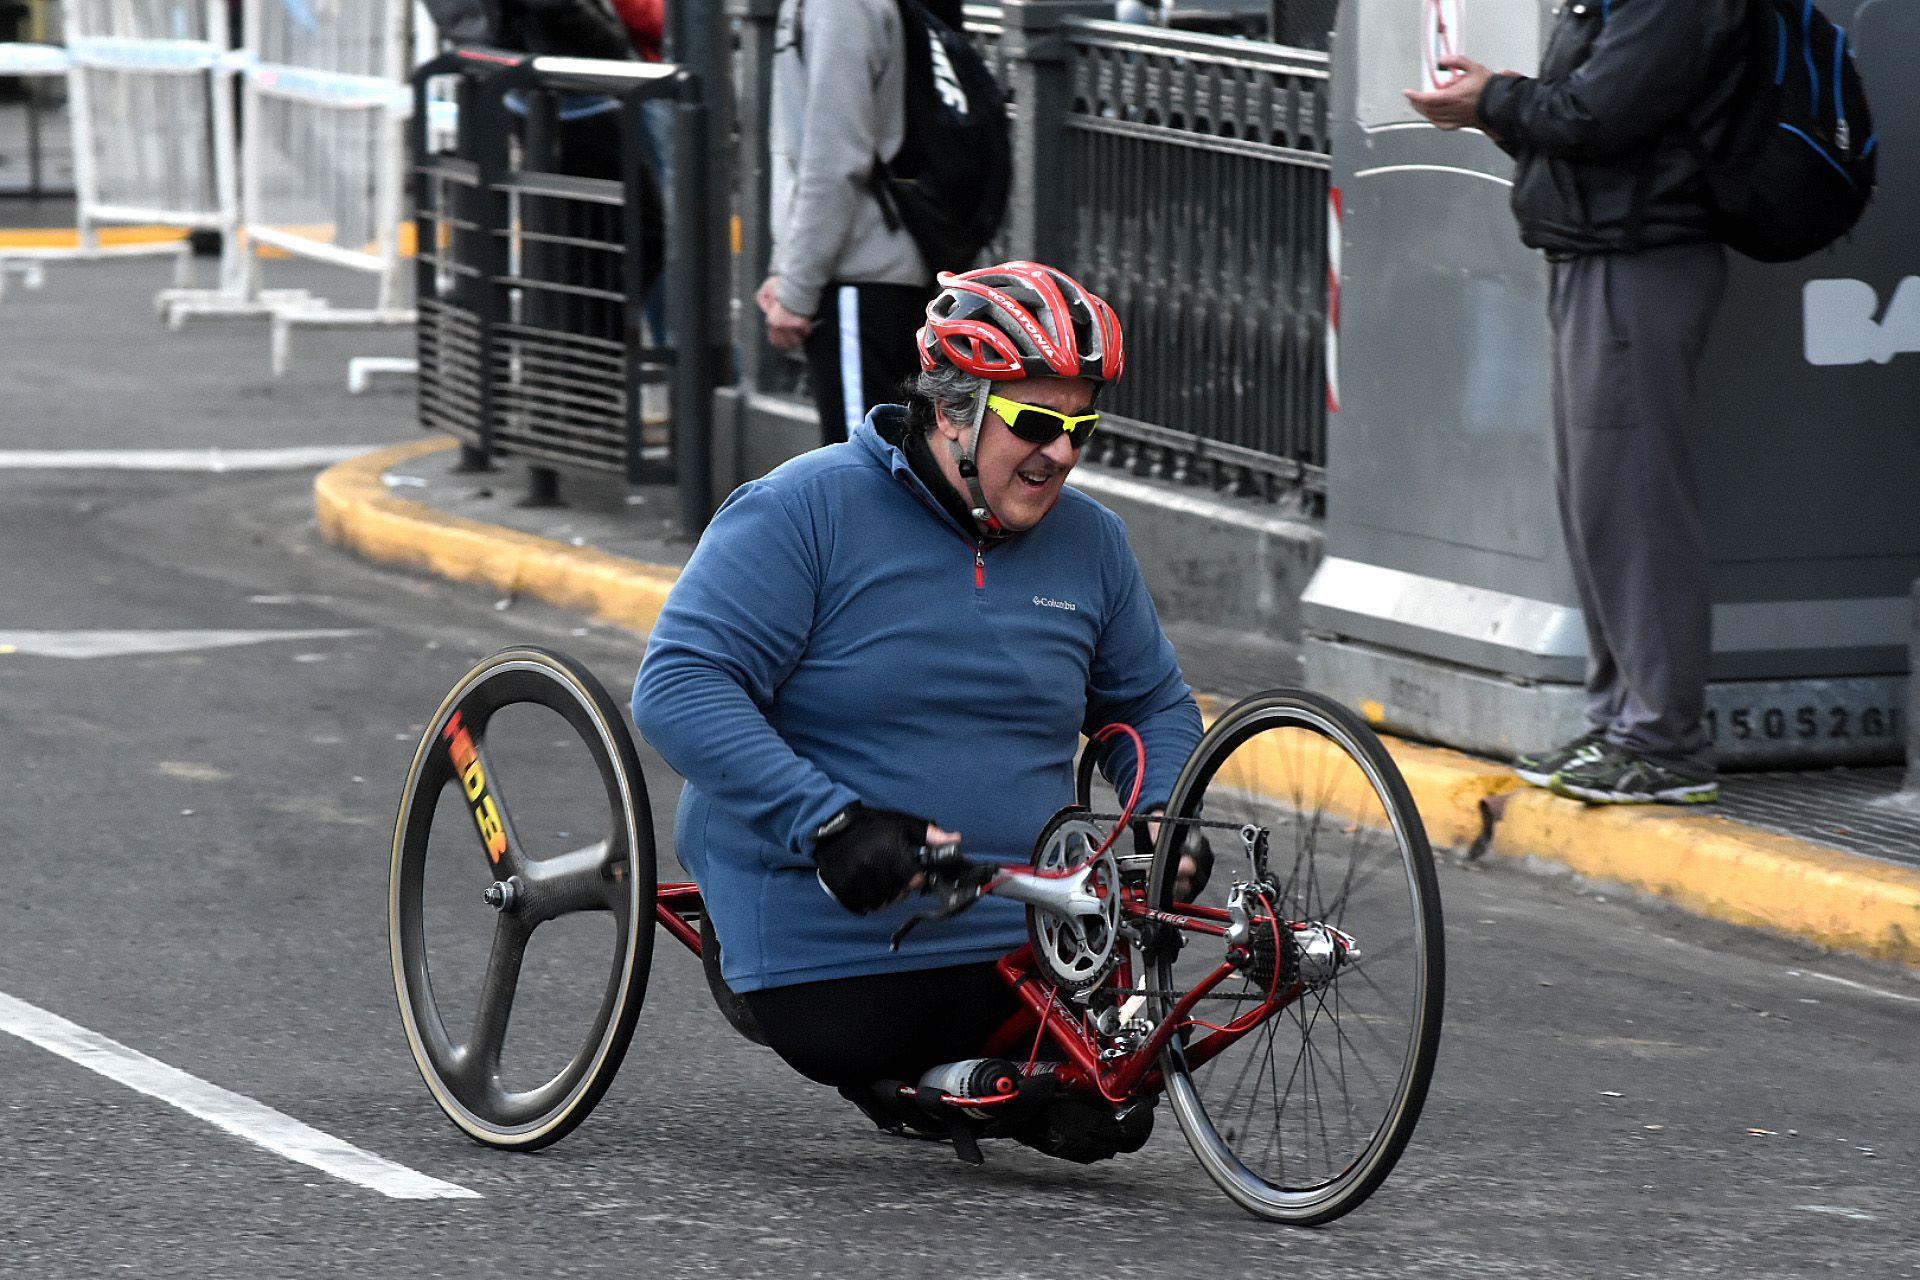 Personas con movilidad reducida también pudieron participar de la media maratón